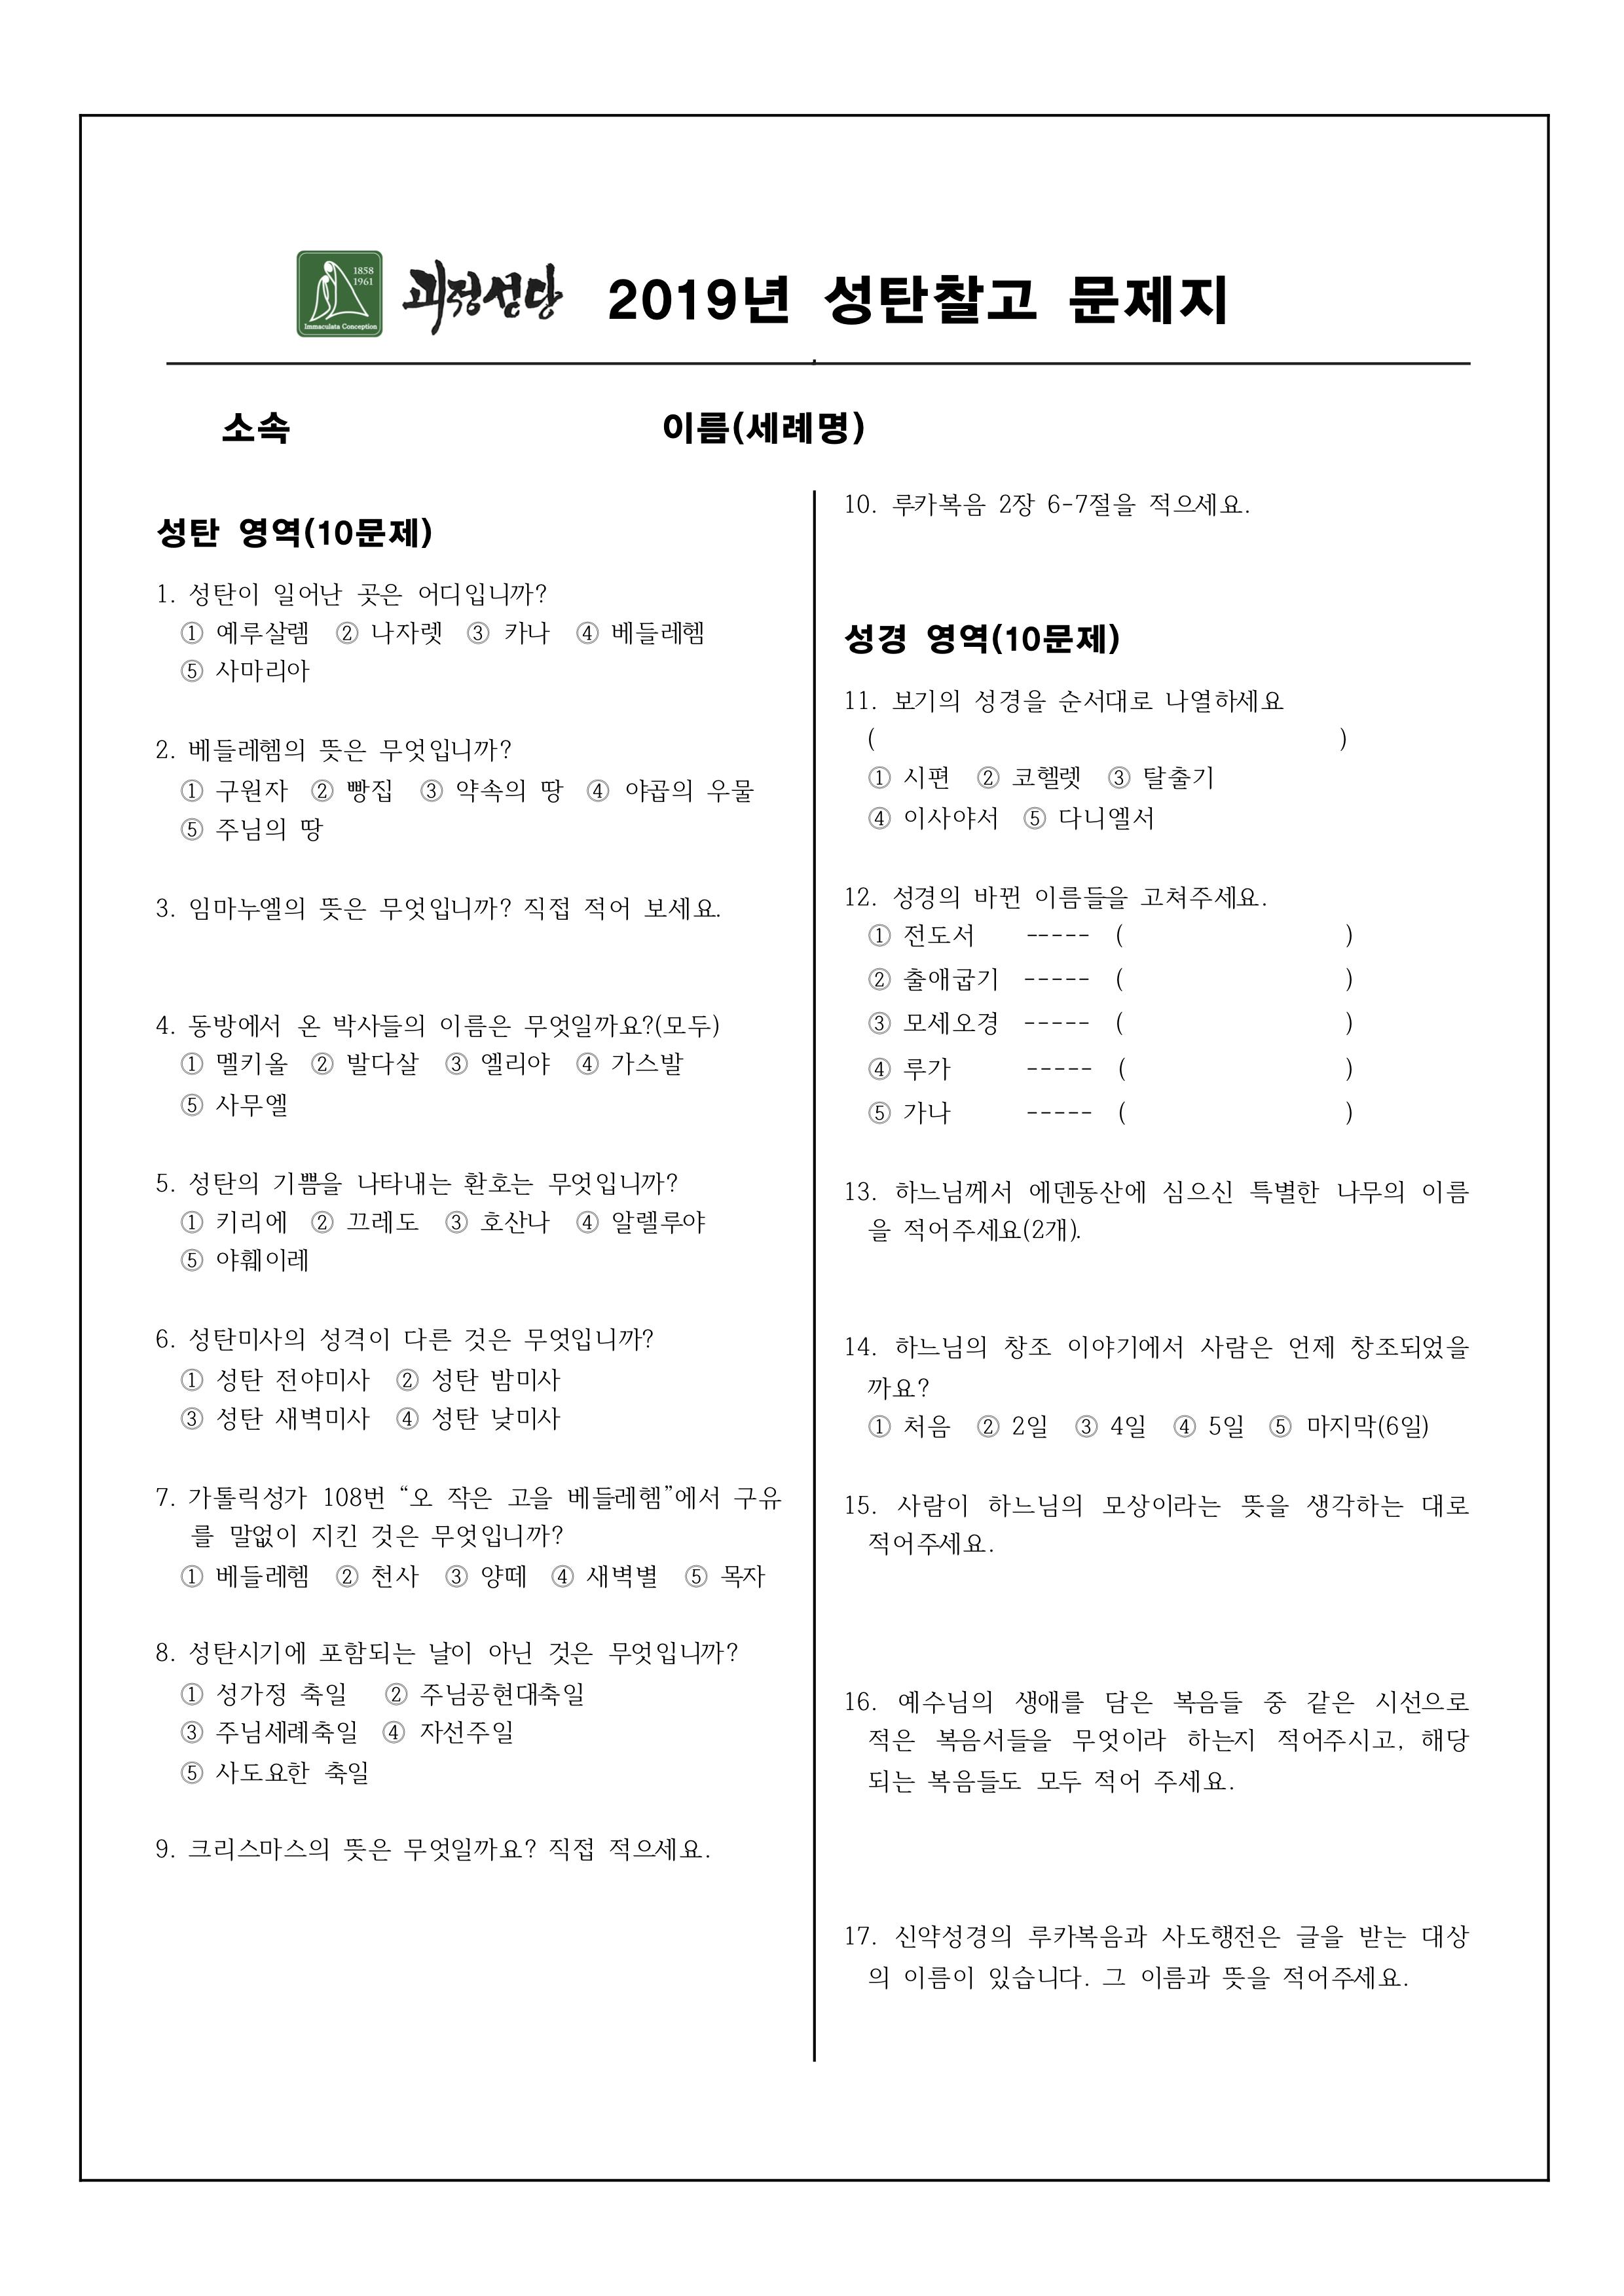 2019년 성탄 찰고 문제.jpg